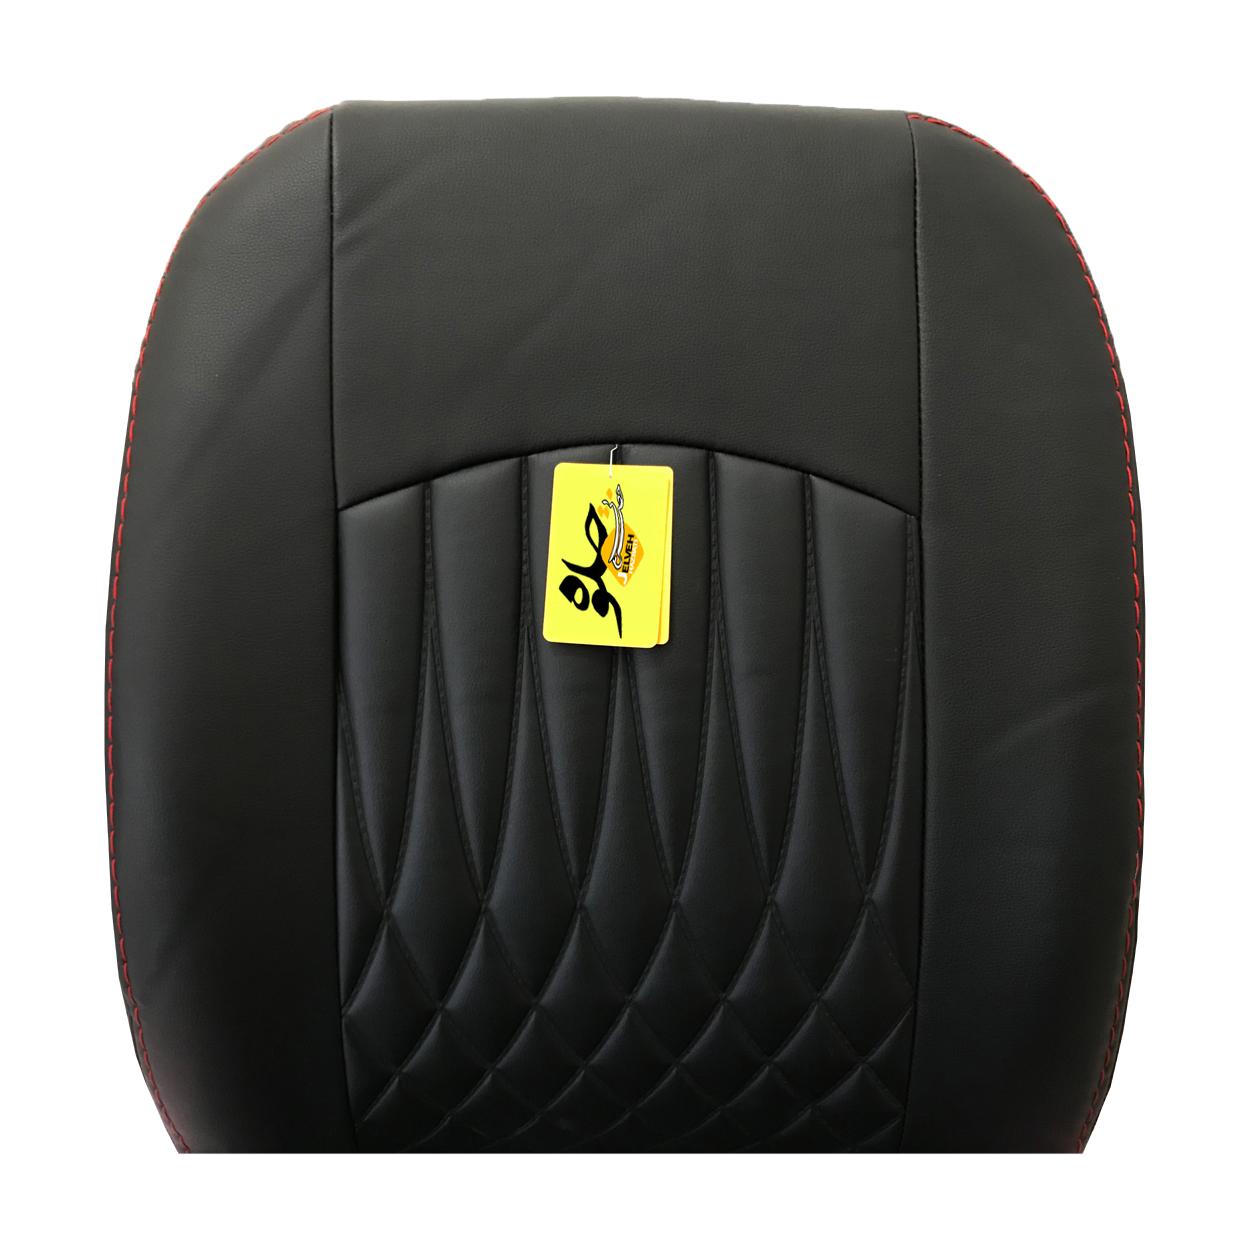 روکش صندلی خودرو جلوه مدل bg12 مناسب برای پراید 131